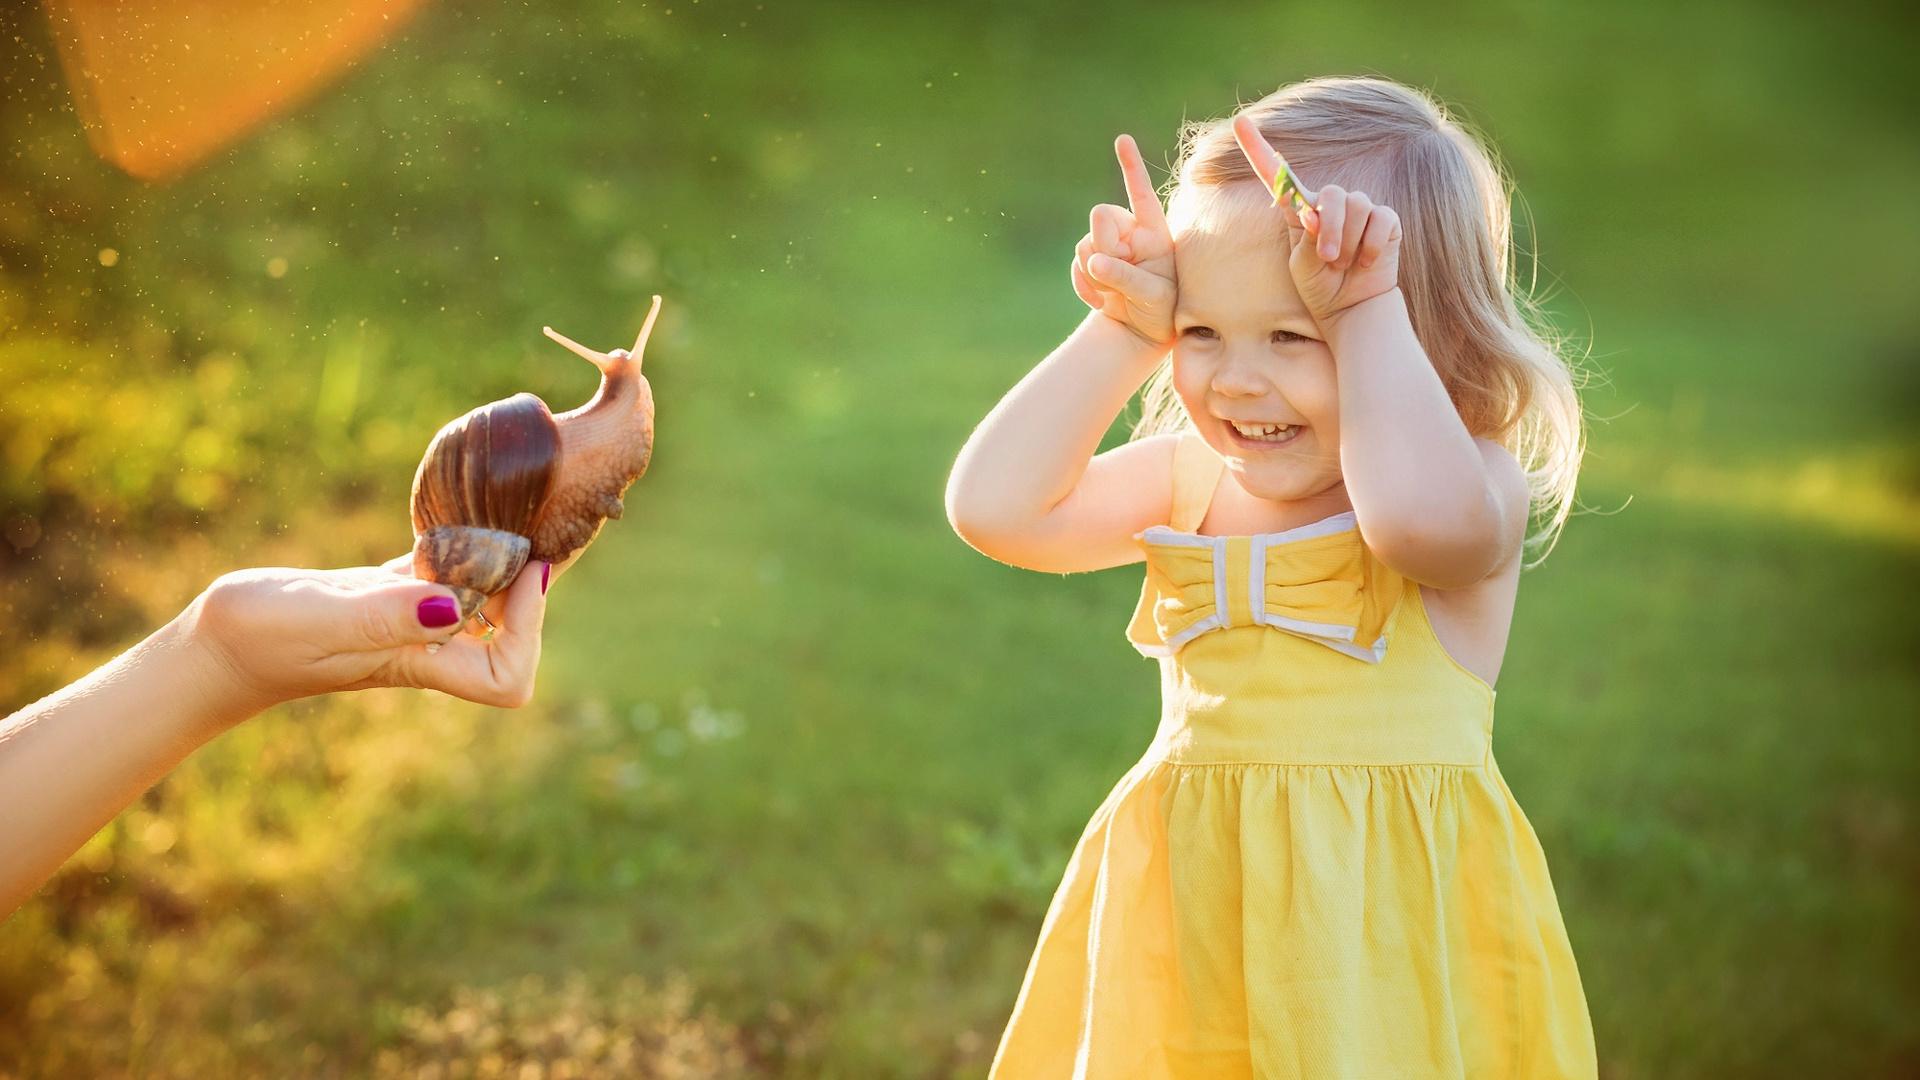 образом, ребенок картинки мелкие радости джексона